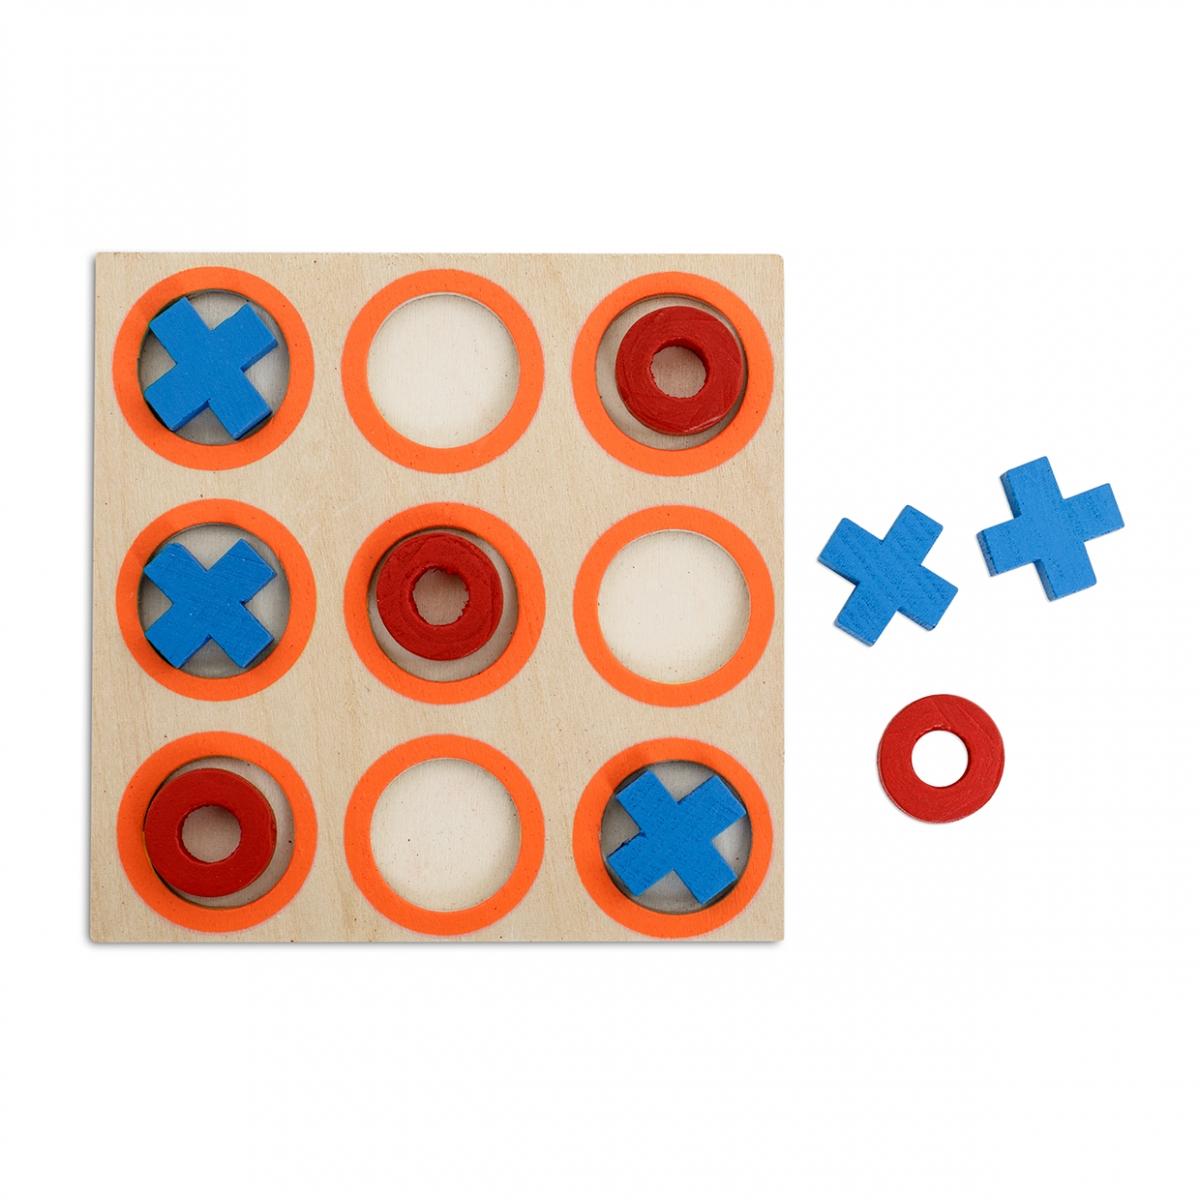 Imagen en la que se ve el juego del tres en raya